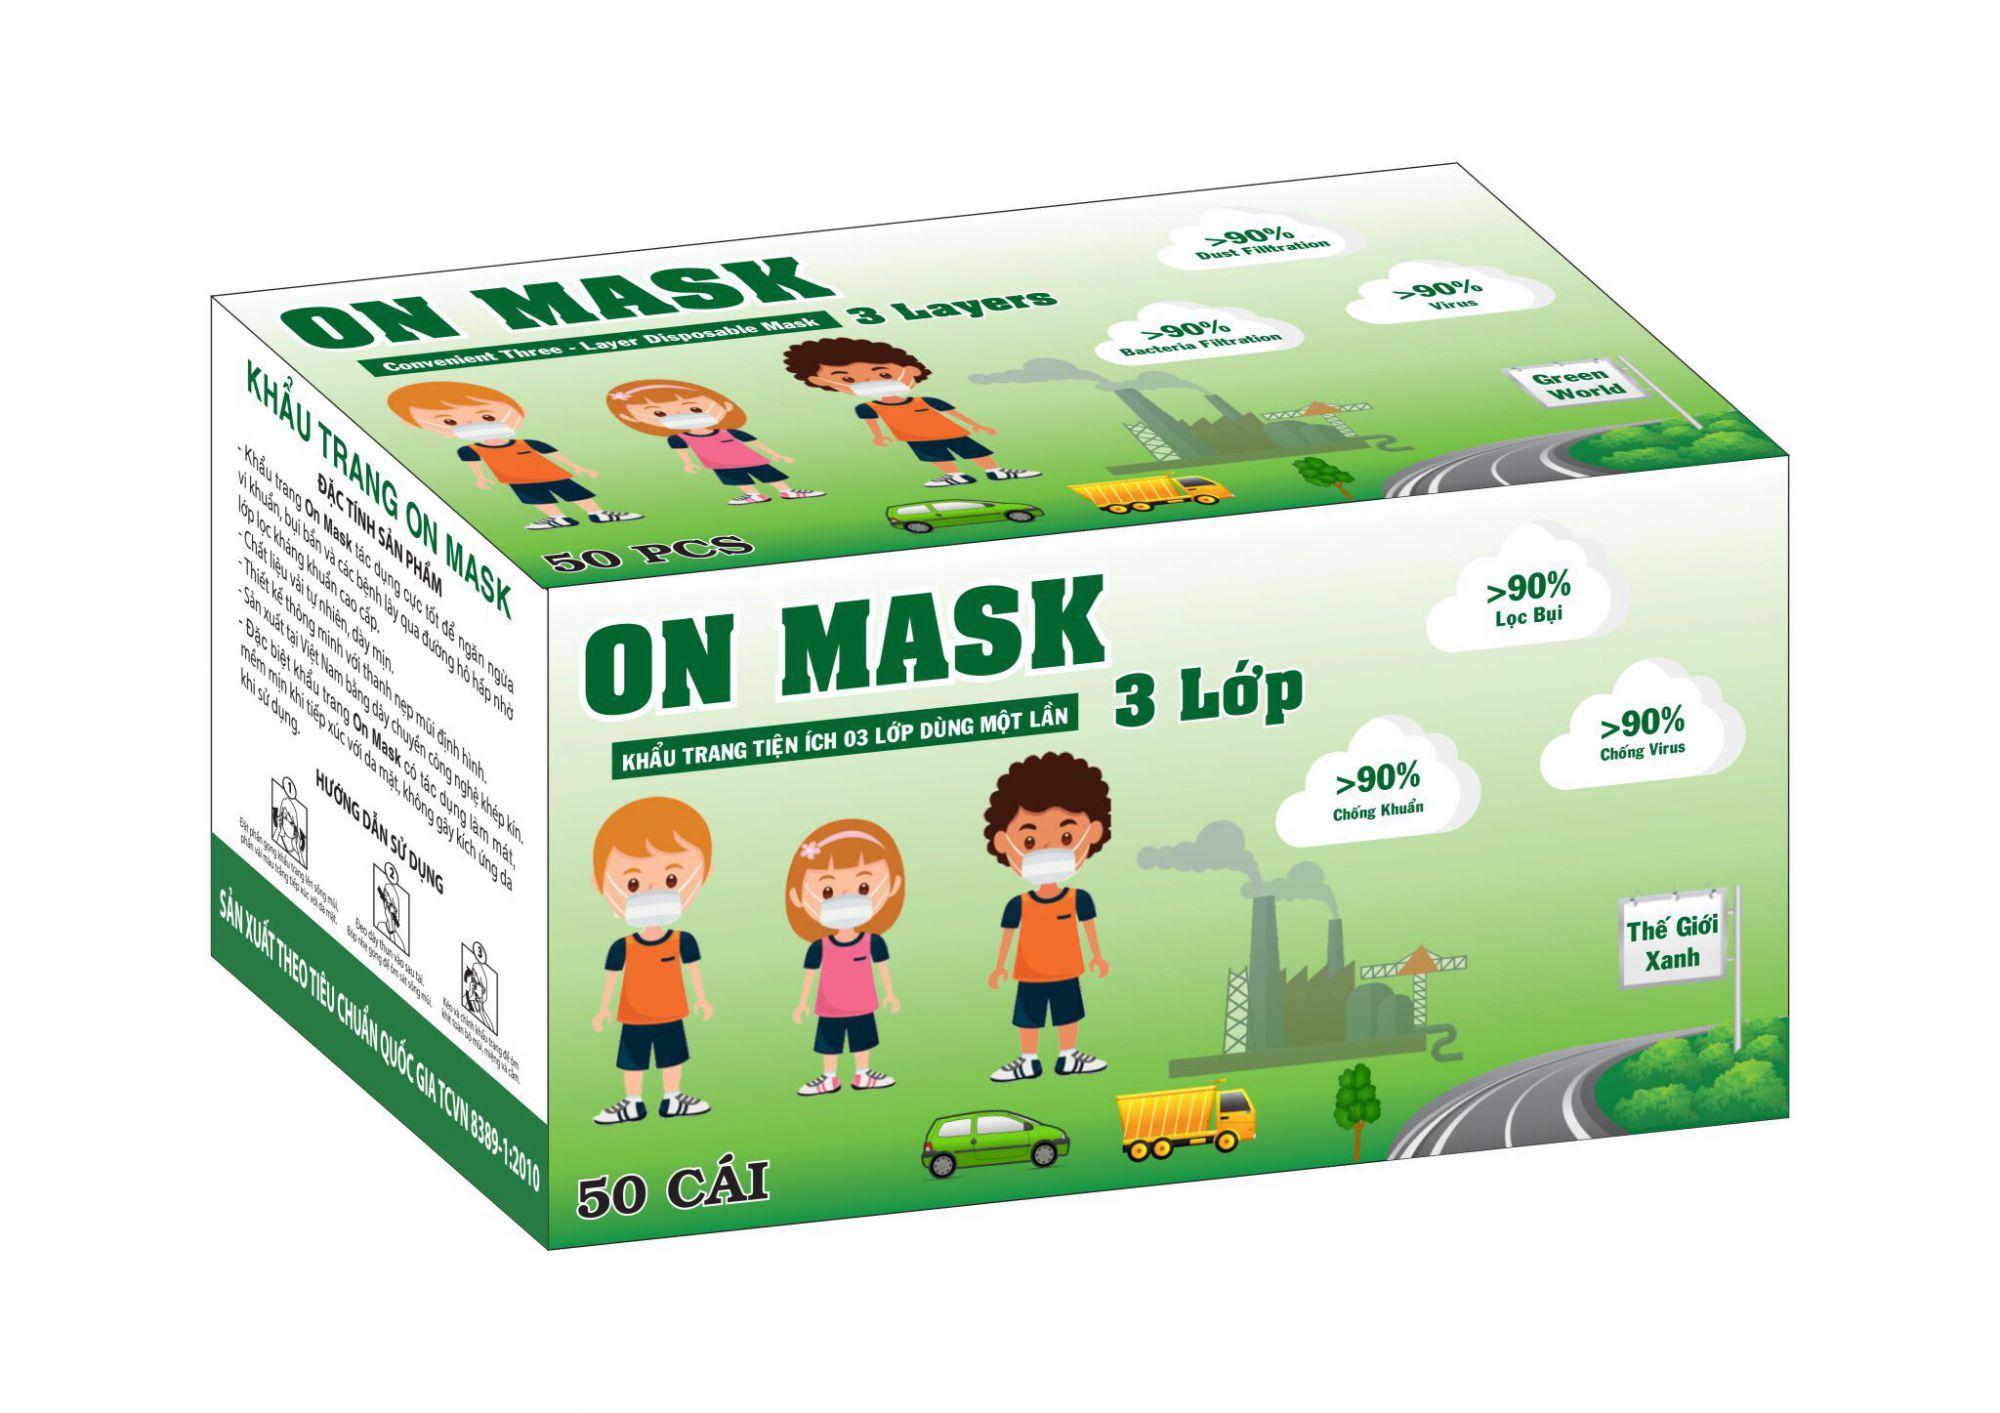 Khẩu Trang On Mask 3 Lớp Màu Xanh